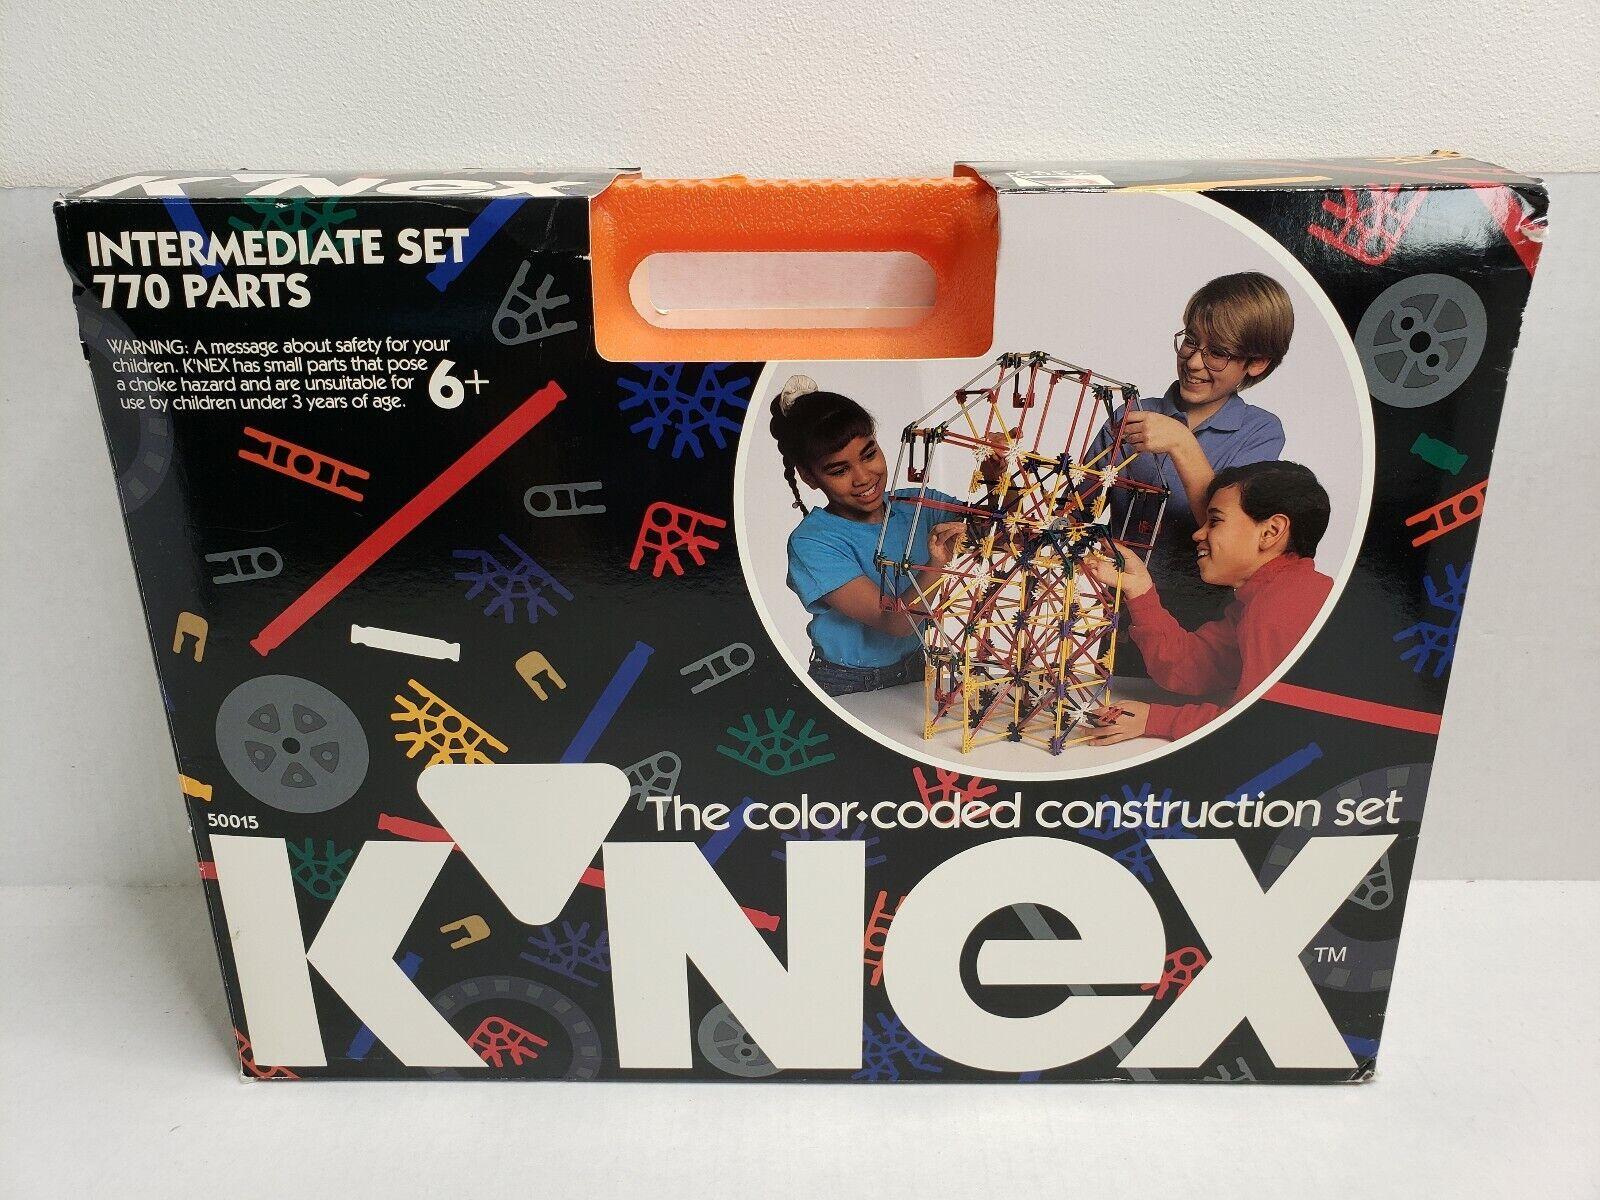 K 'nex intermedio construcción codificadas por Color set 50015 1992